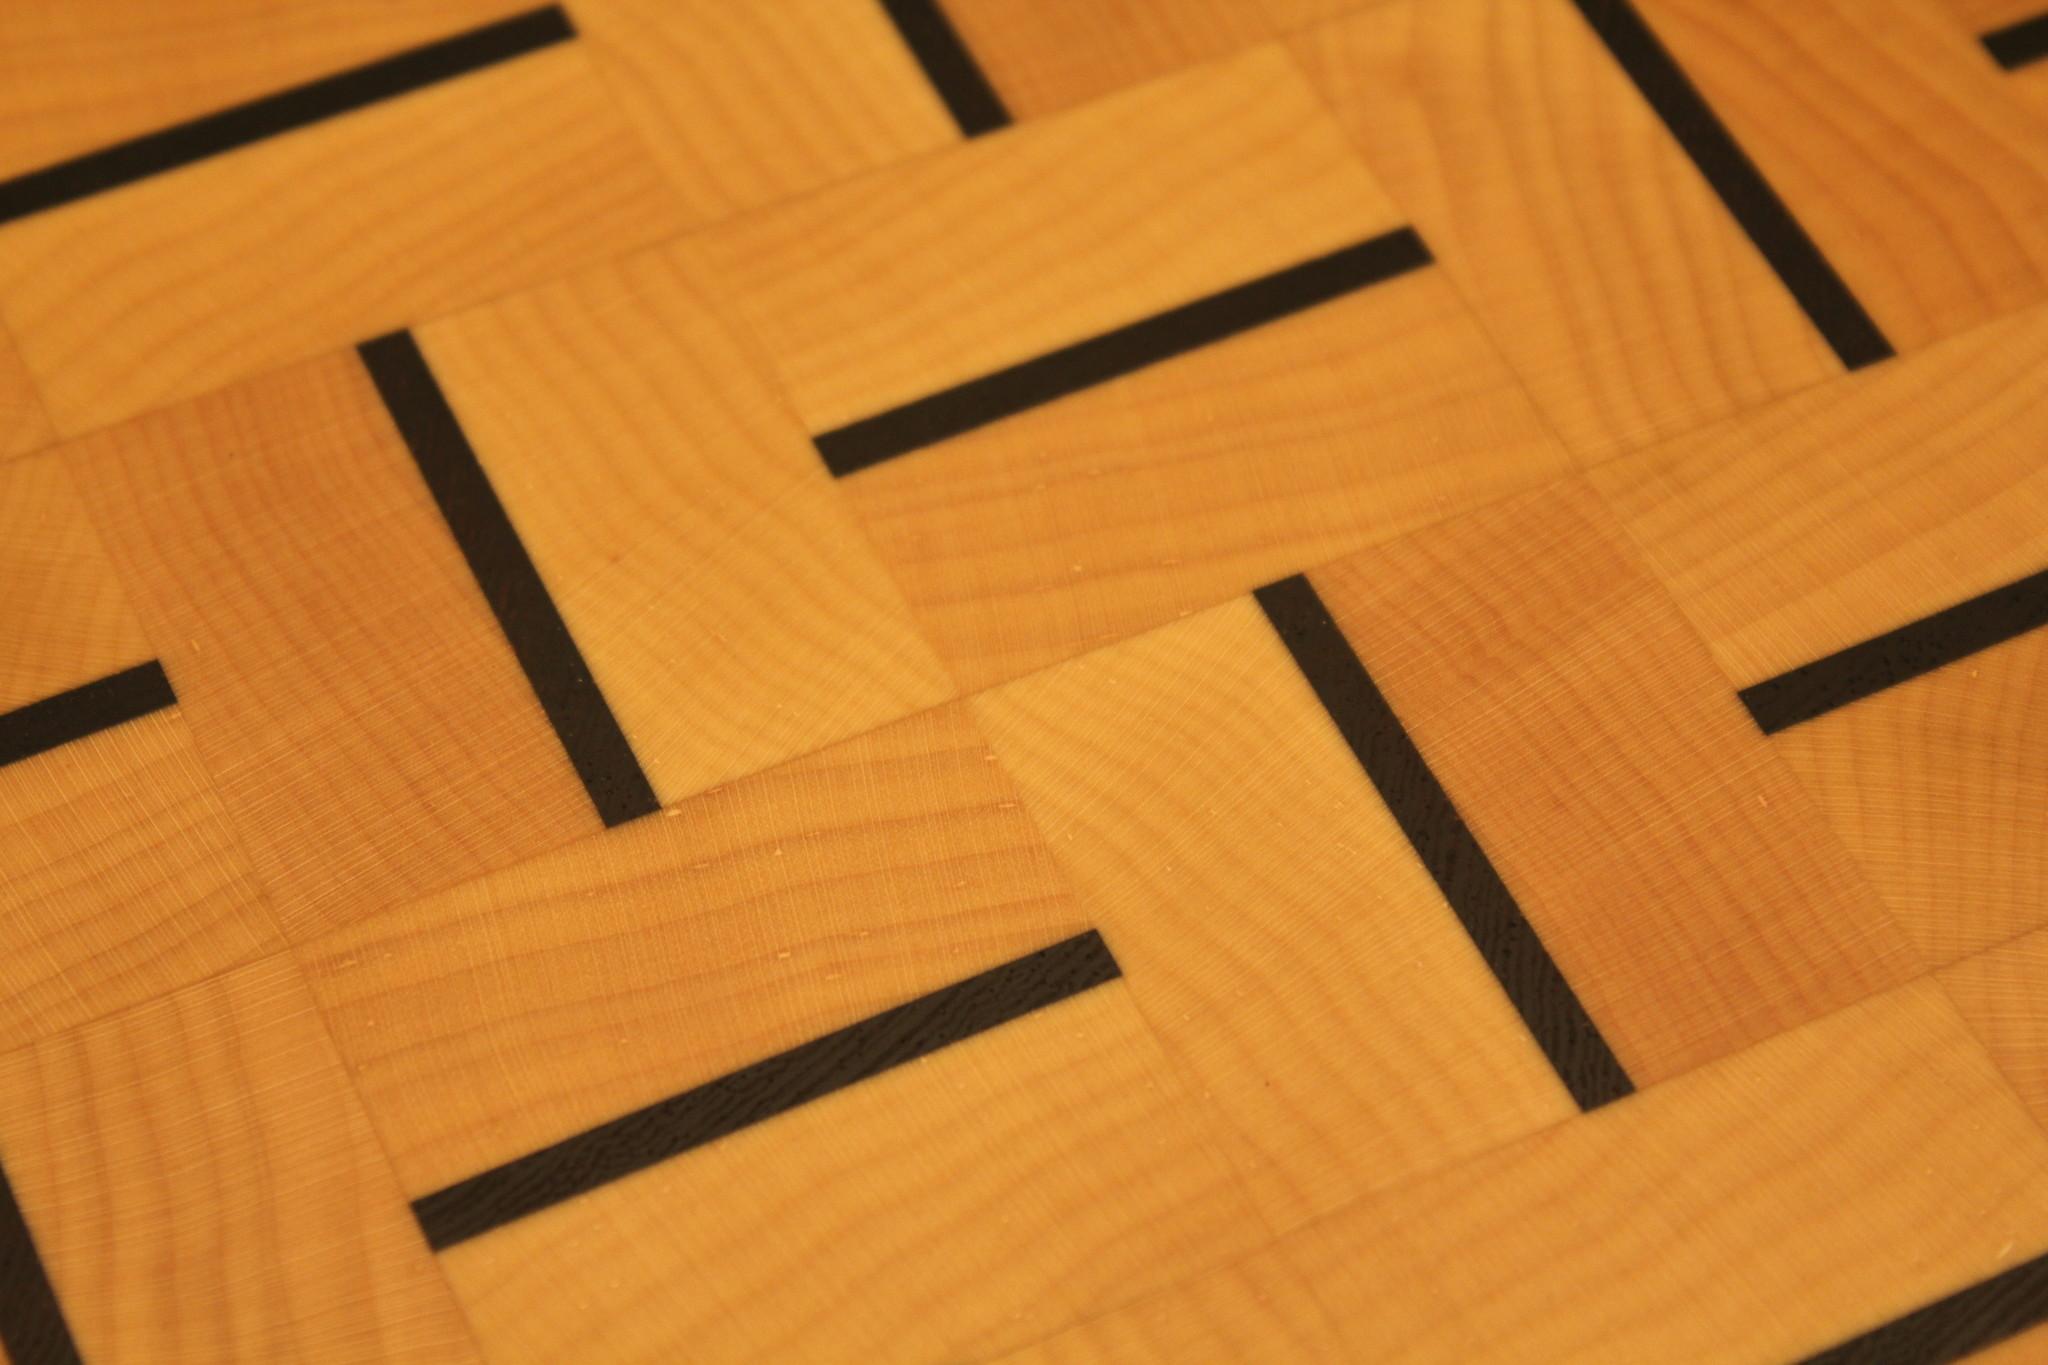 Kopshouten snijplank van Amerikaans esdoorn met streepjes  zwart wengé in een alternerend patroon